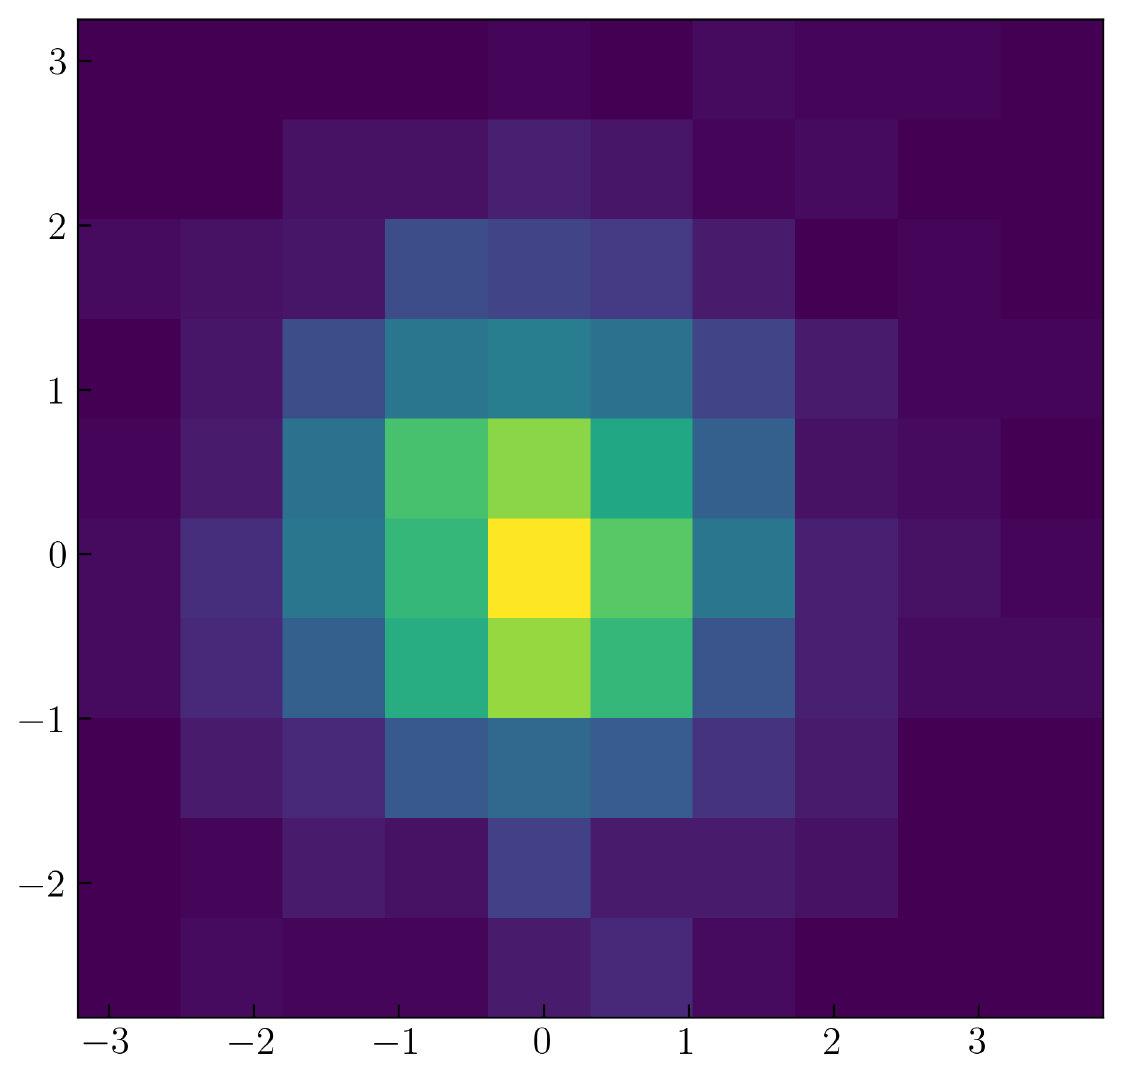 图30. 二维直方图